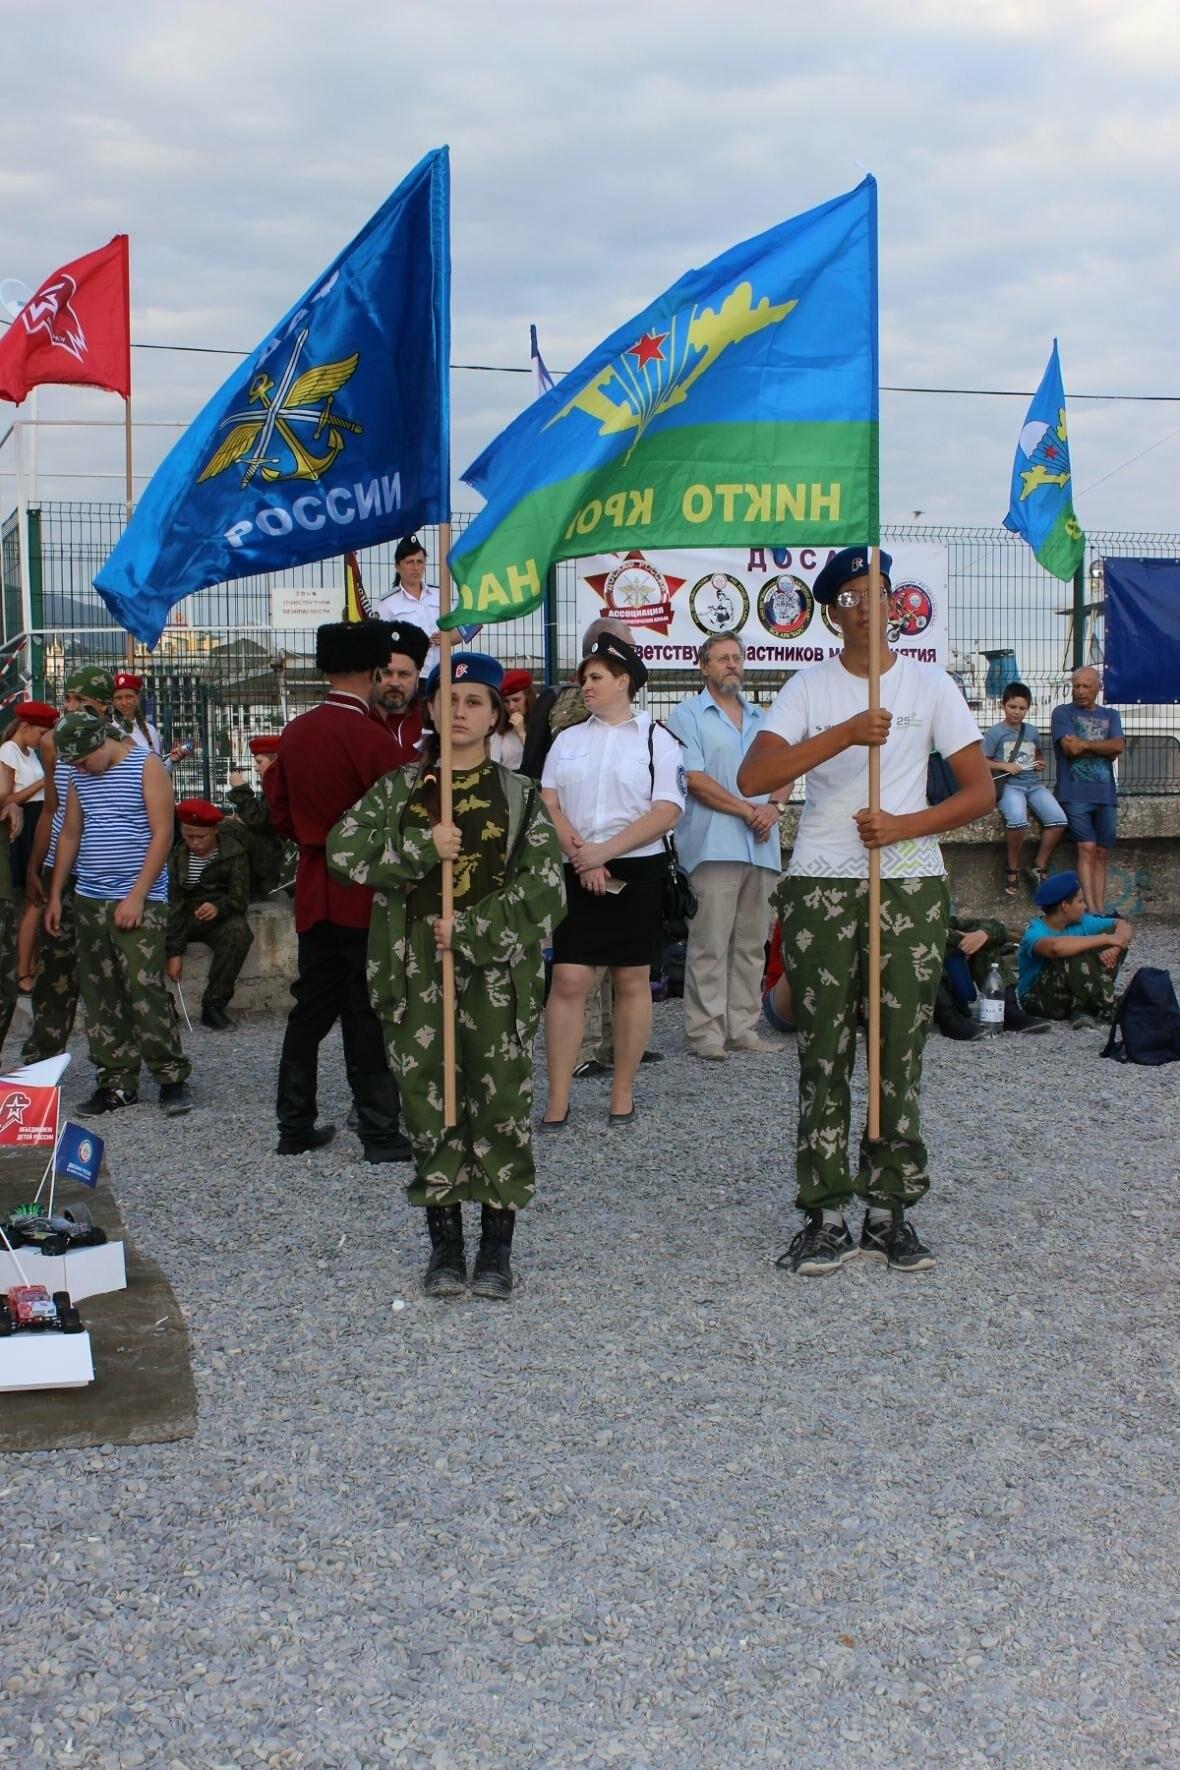 В Ялте  отметили 90-летие ДОСААФ России, фото-3